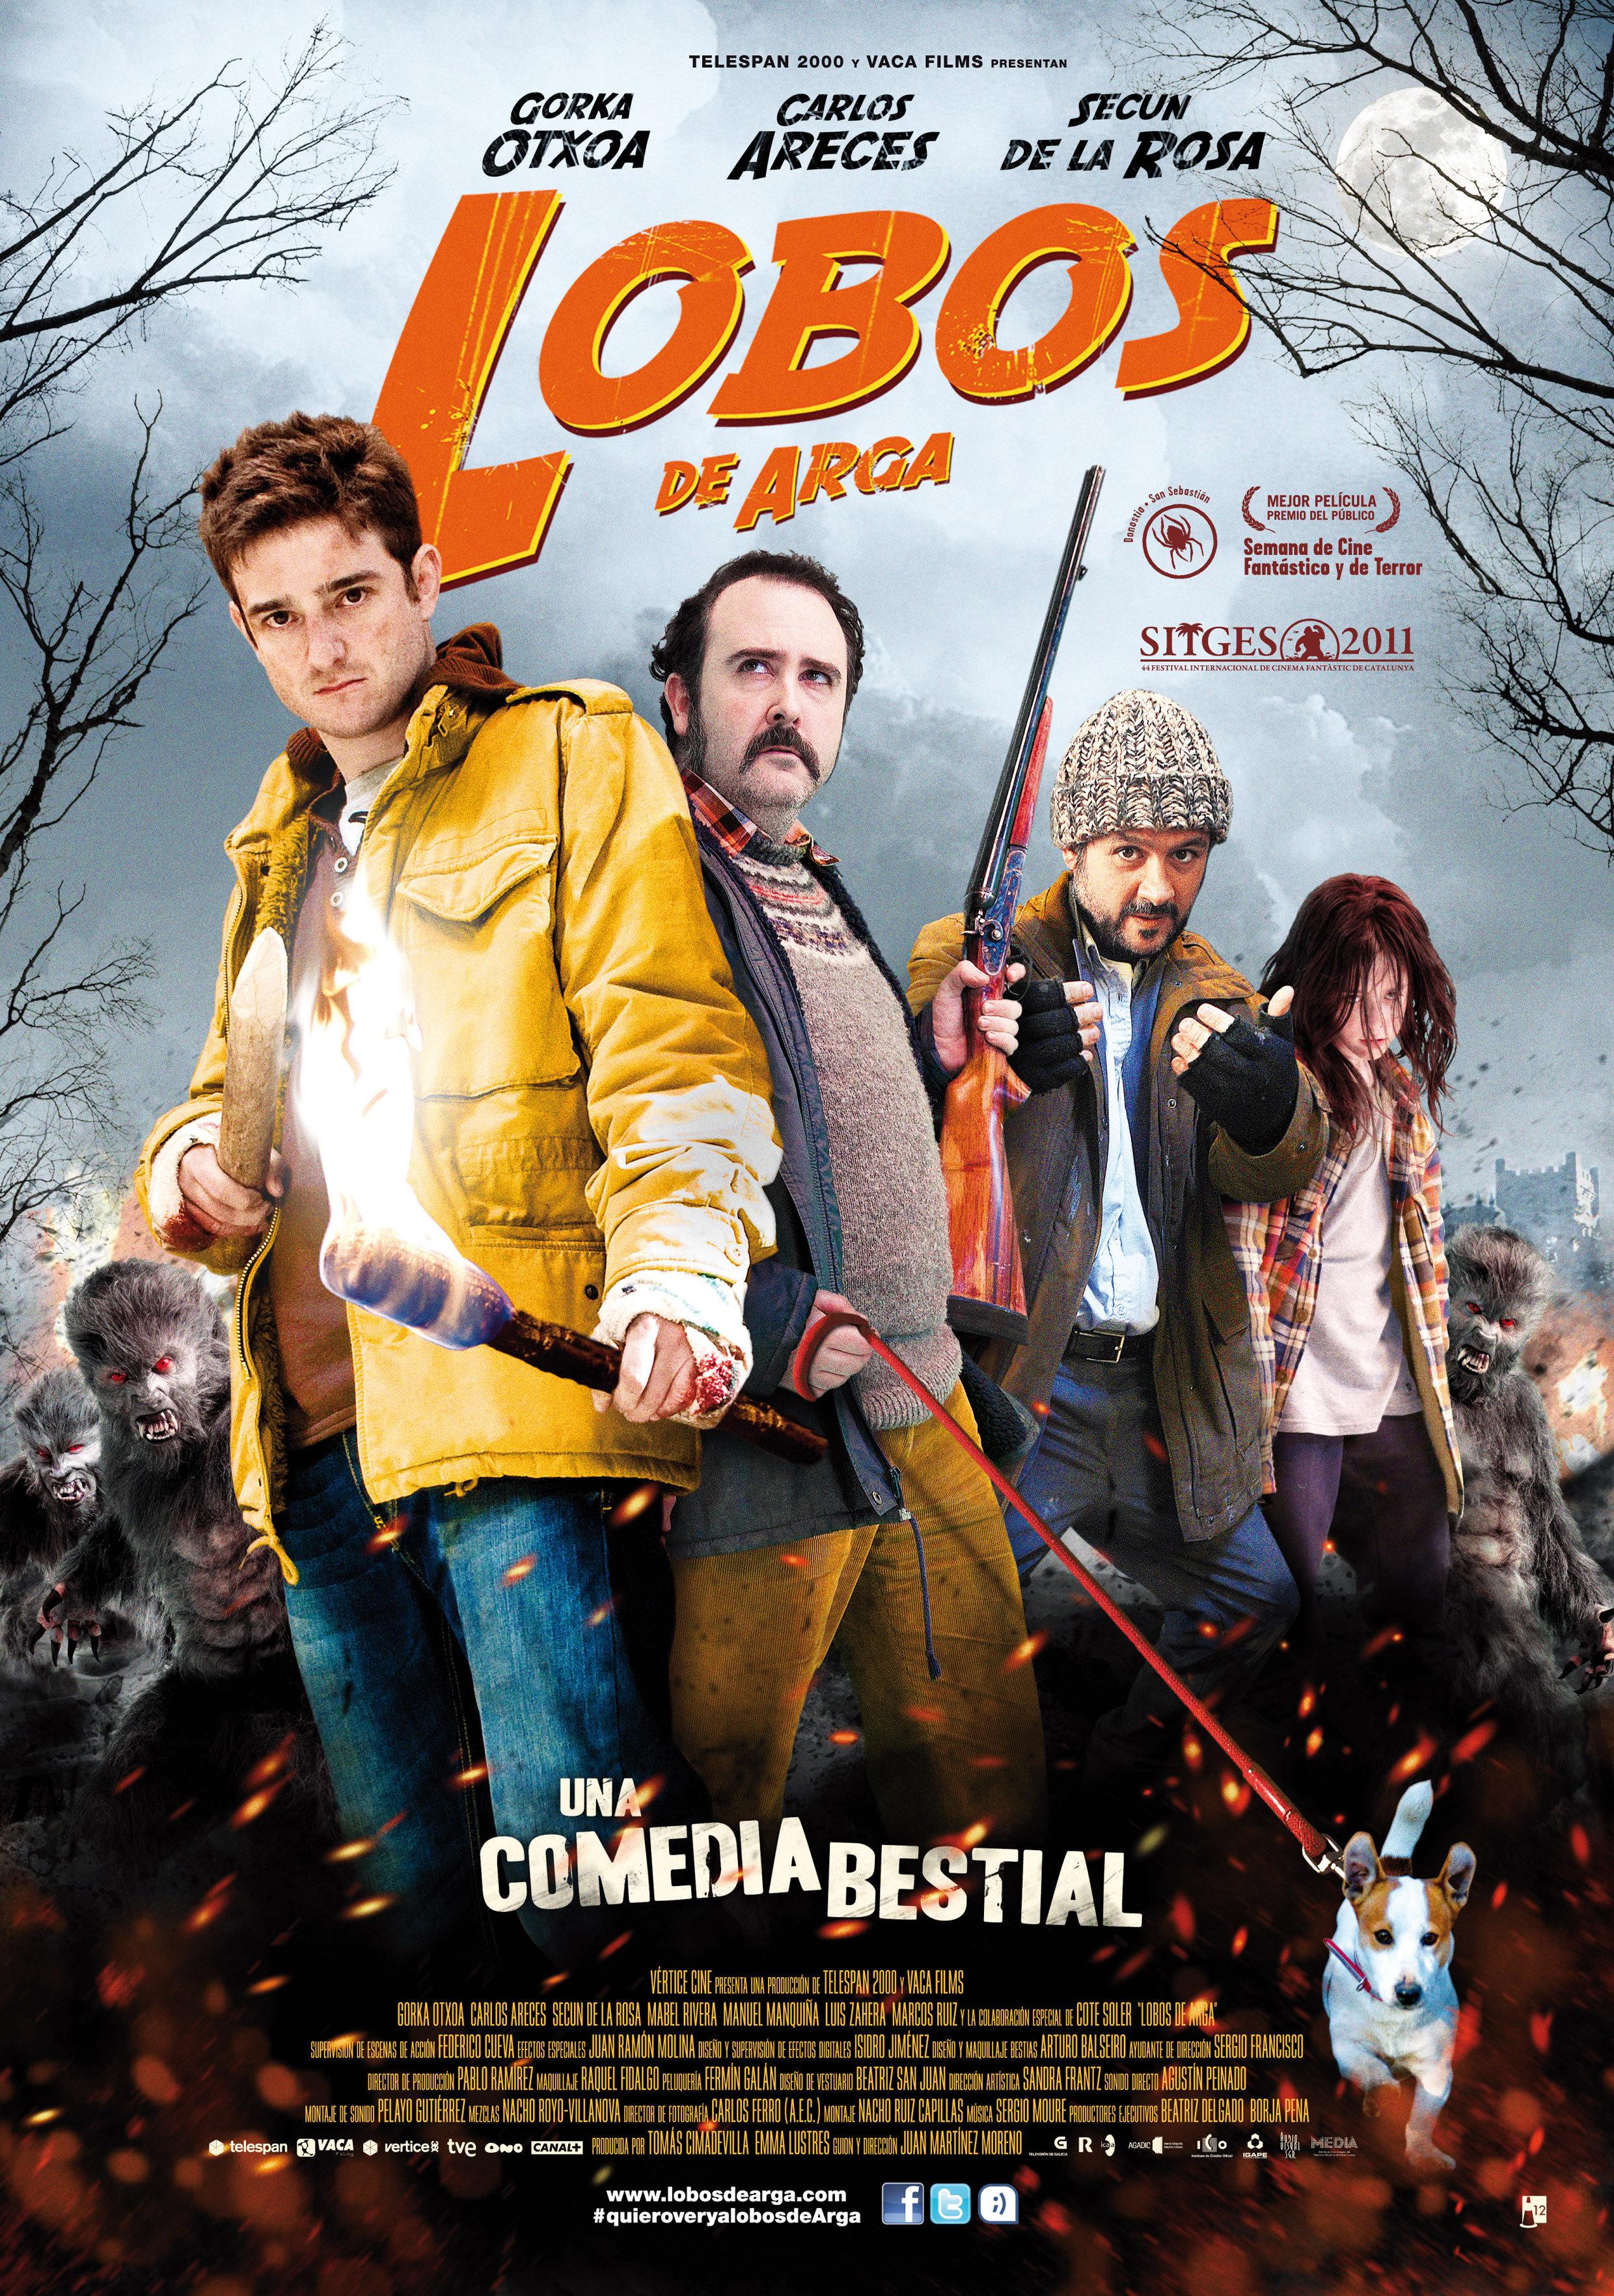 ดูหนังออนไลน์ Lobos de Arga (2011)